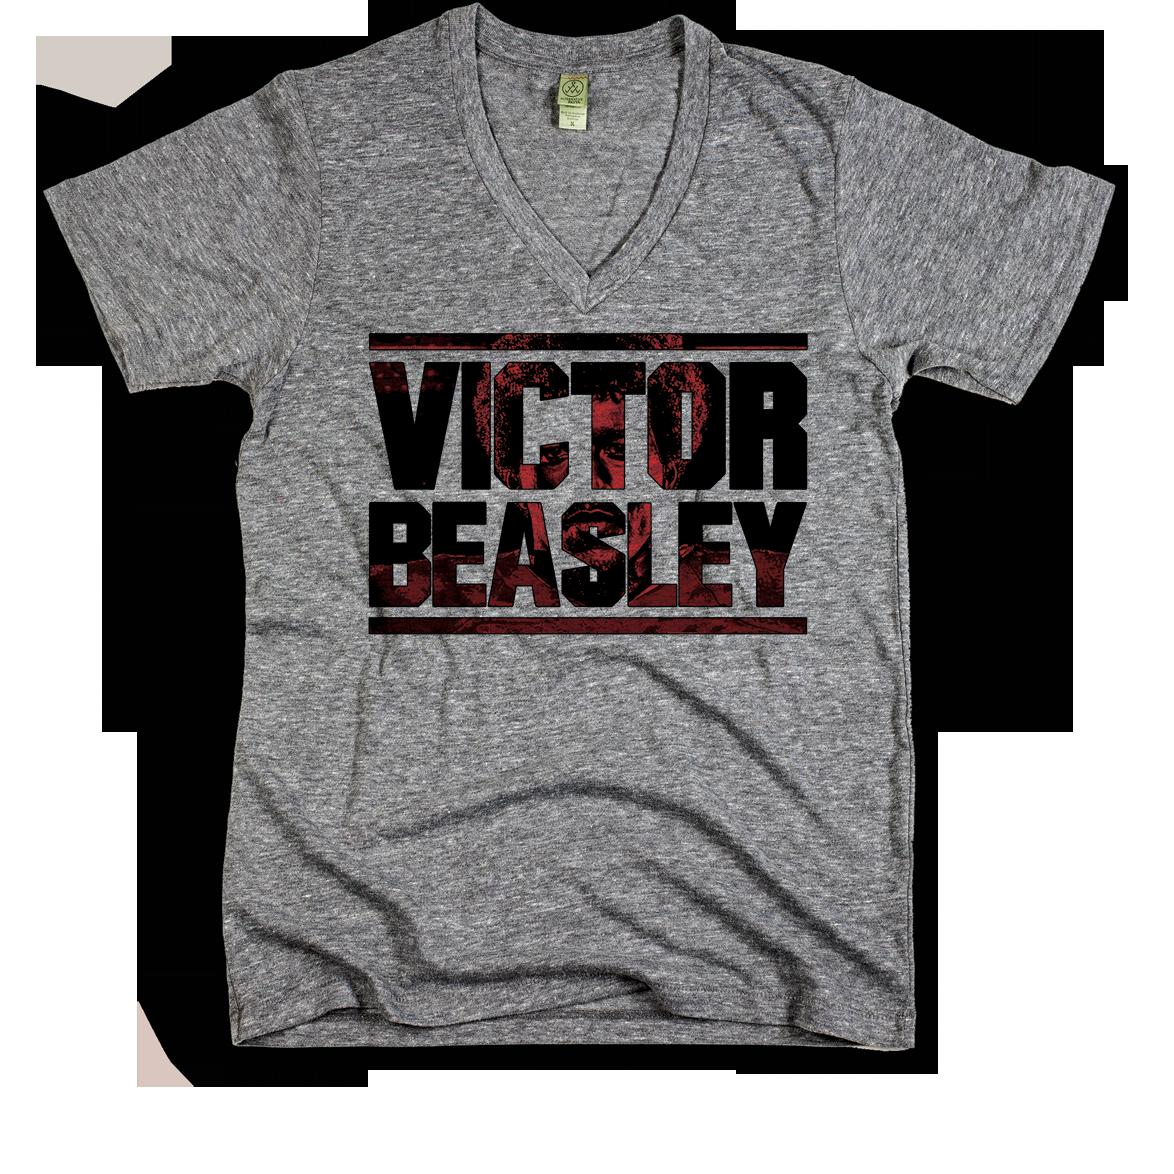 Victor Beasley Name